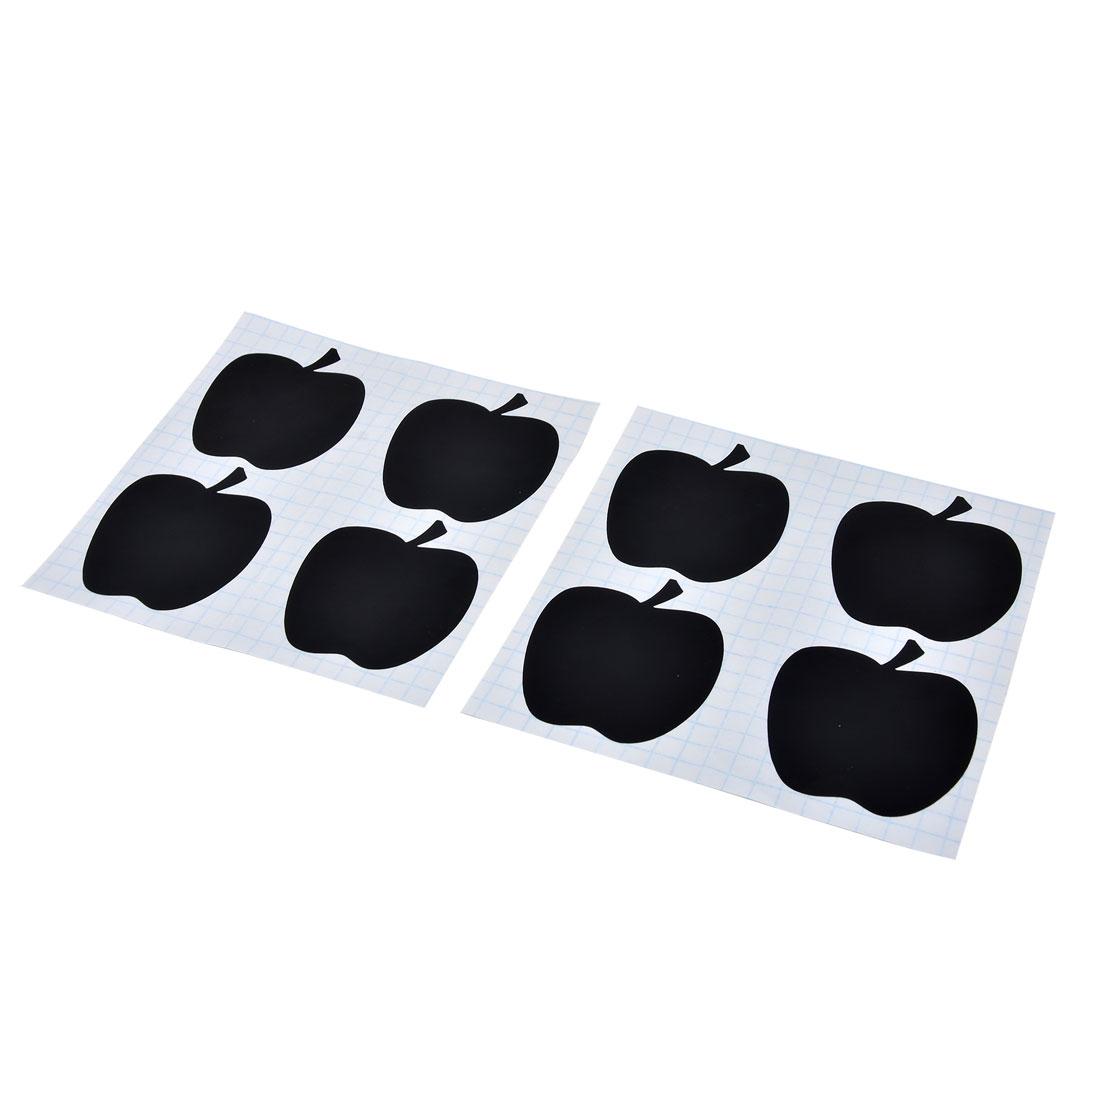 Home PVC Apple Pattern Glass Bottle Blackboard Stickers Labels Tags Black 8 Pcs